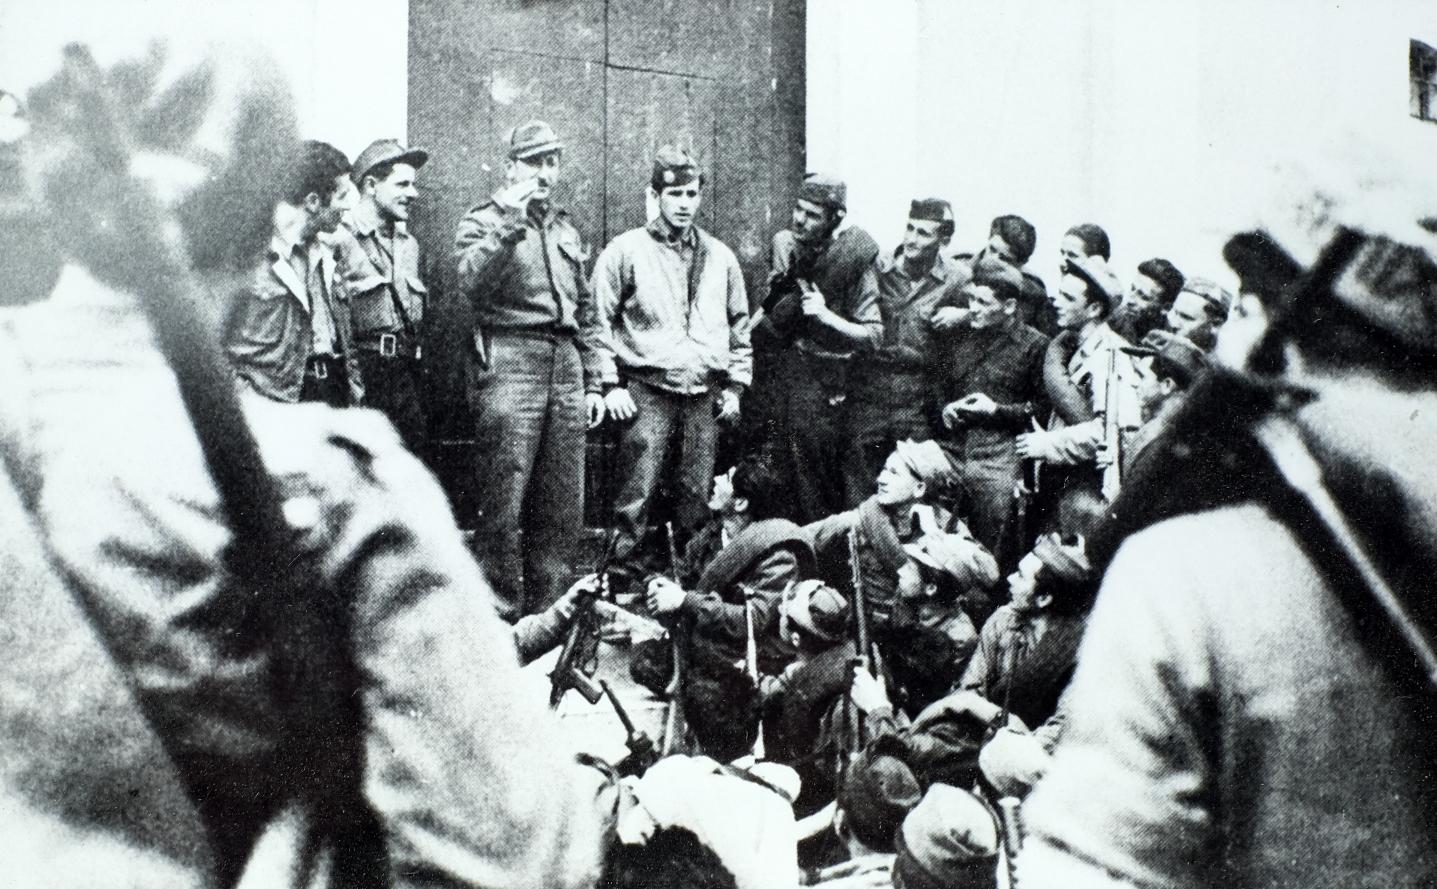 Mario Ricci parla ai partigiani a Querciola di Vidiciatico prima dell'attacco a Monte Belvedere nella primavera del 1945. Foto della famiglia Montecchi - battaglia di Benedello